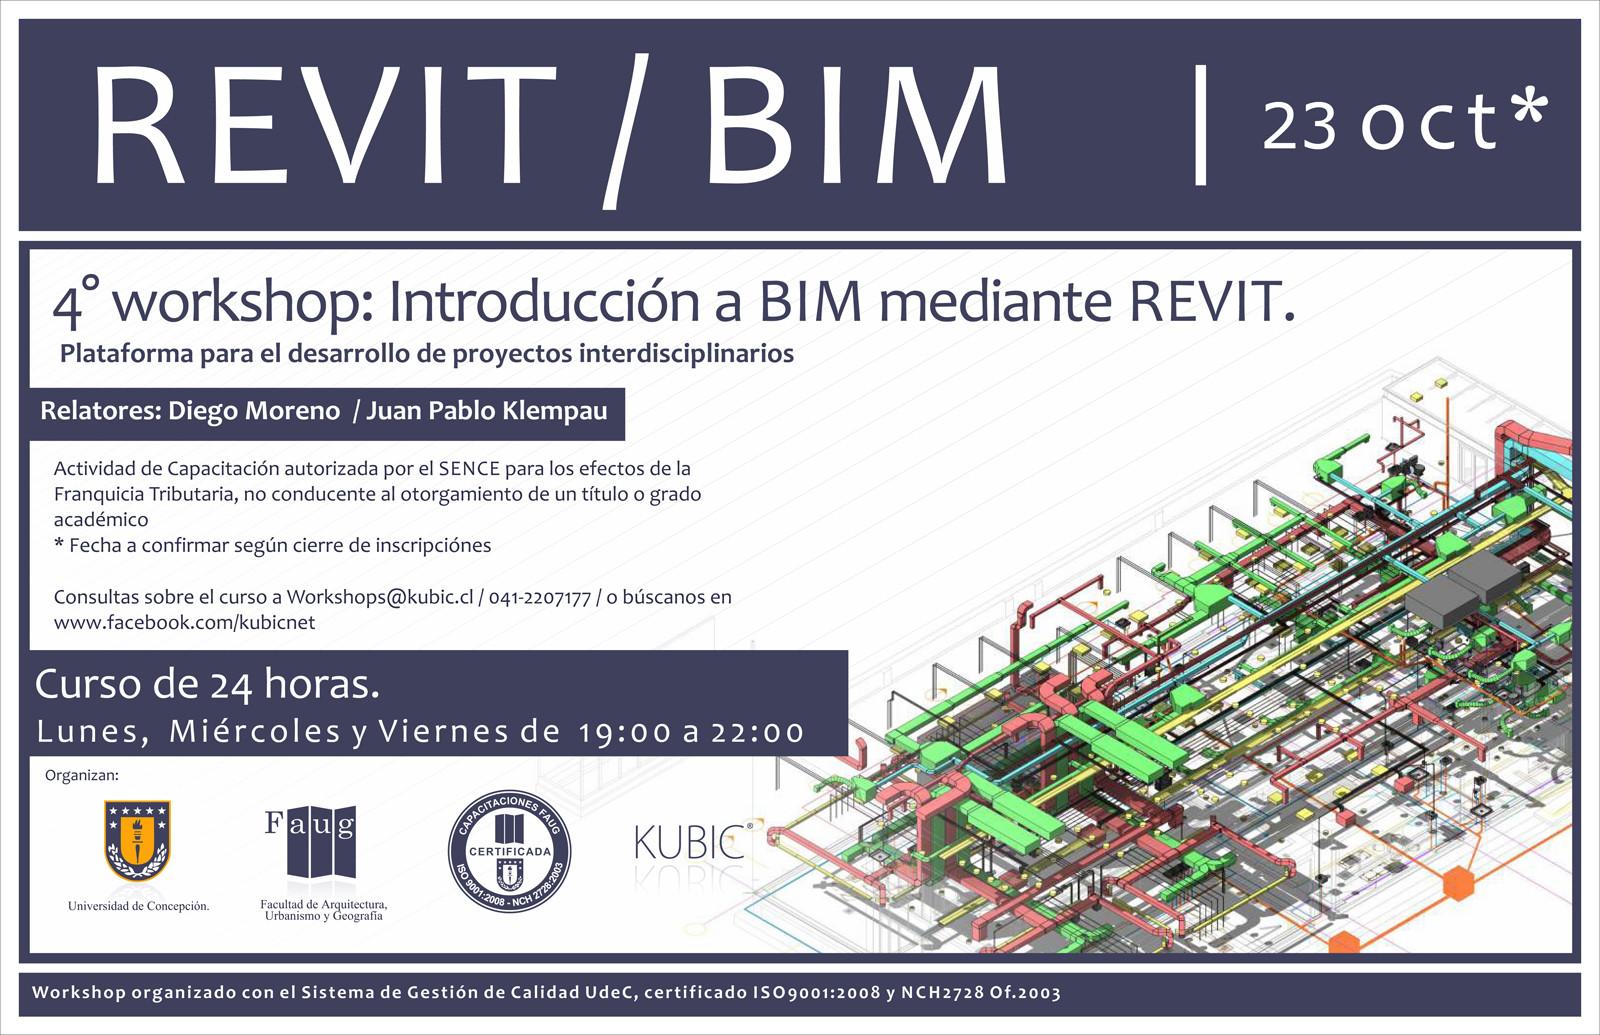 Workshop Interdisciplinario de introducción a BIM mediante Autodesk REVIT [¡Sorteamos un Cupo!]